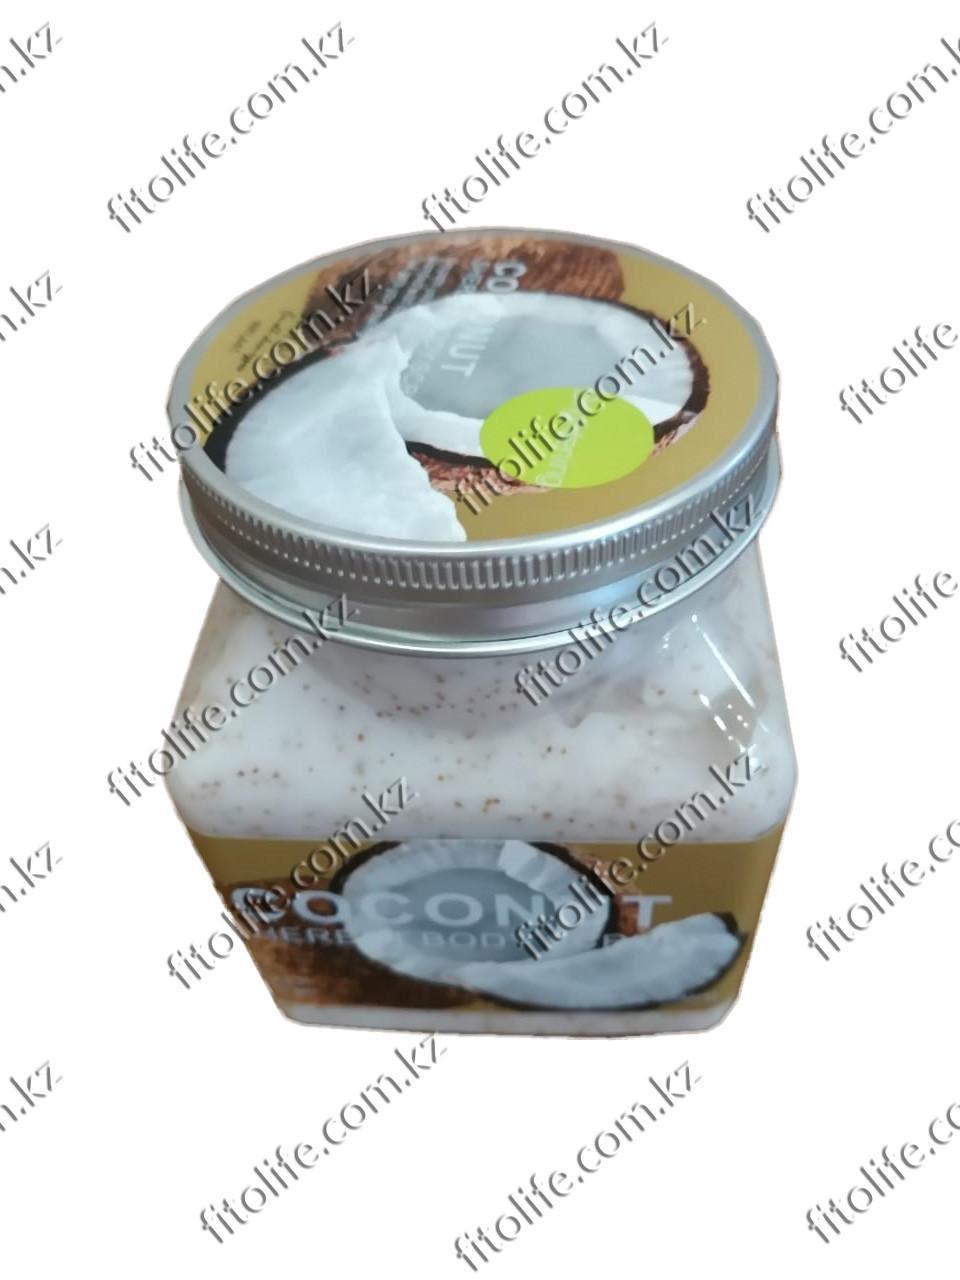 Скраб - крем для тела, кокос